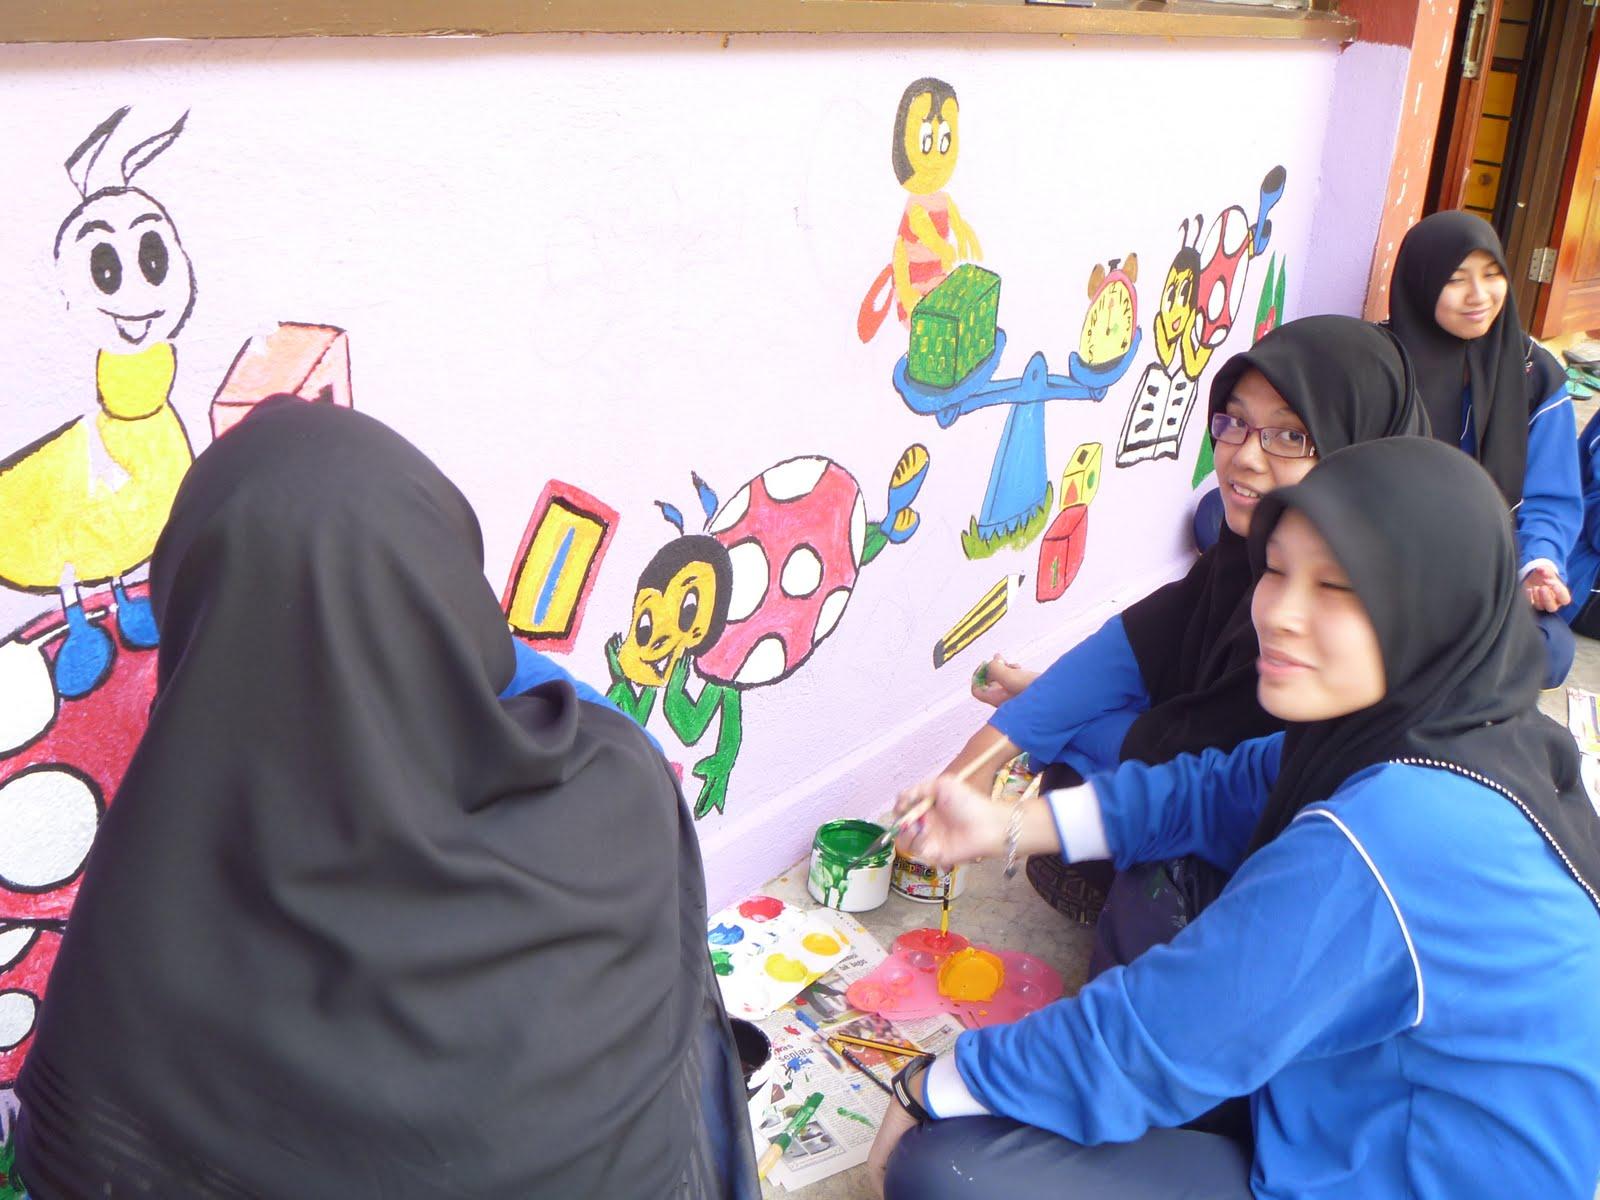 Cerita Nabi Kumpulan Sekolah Minggu Bergambar 240 X 240 26 Kb Jpeg